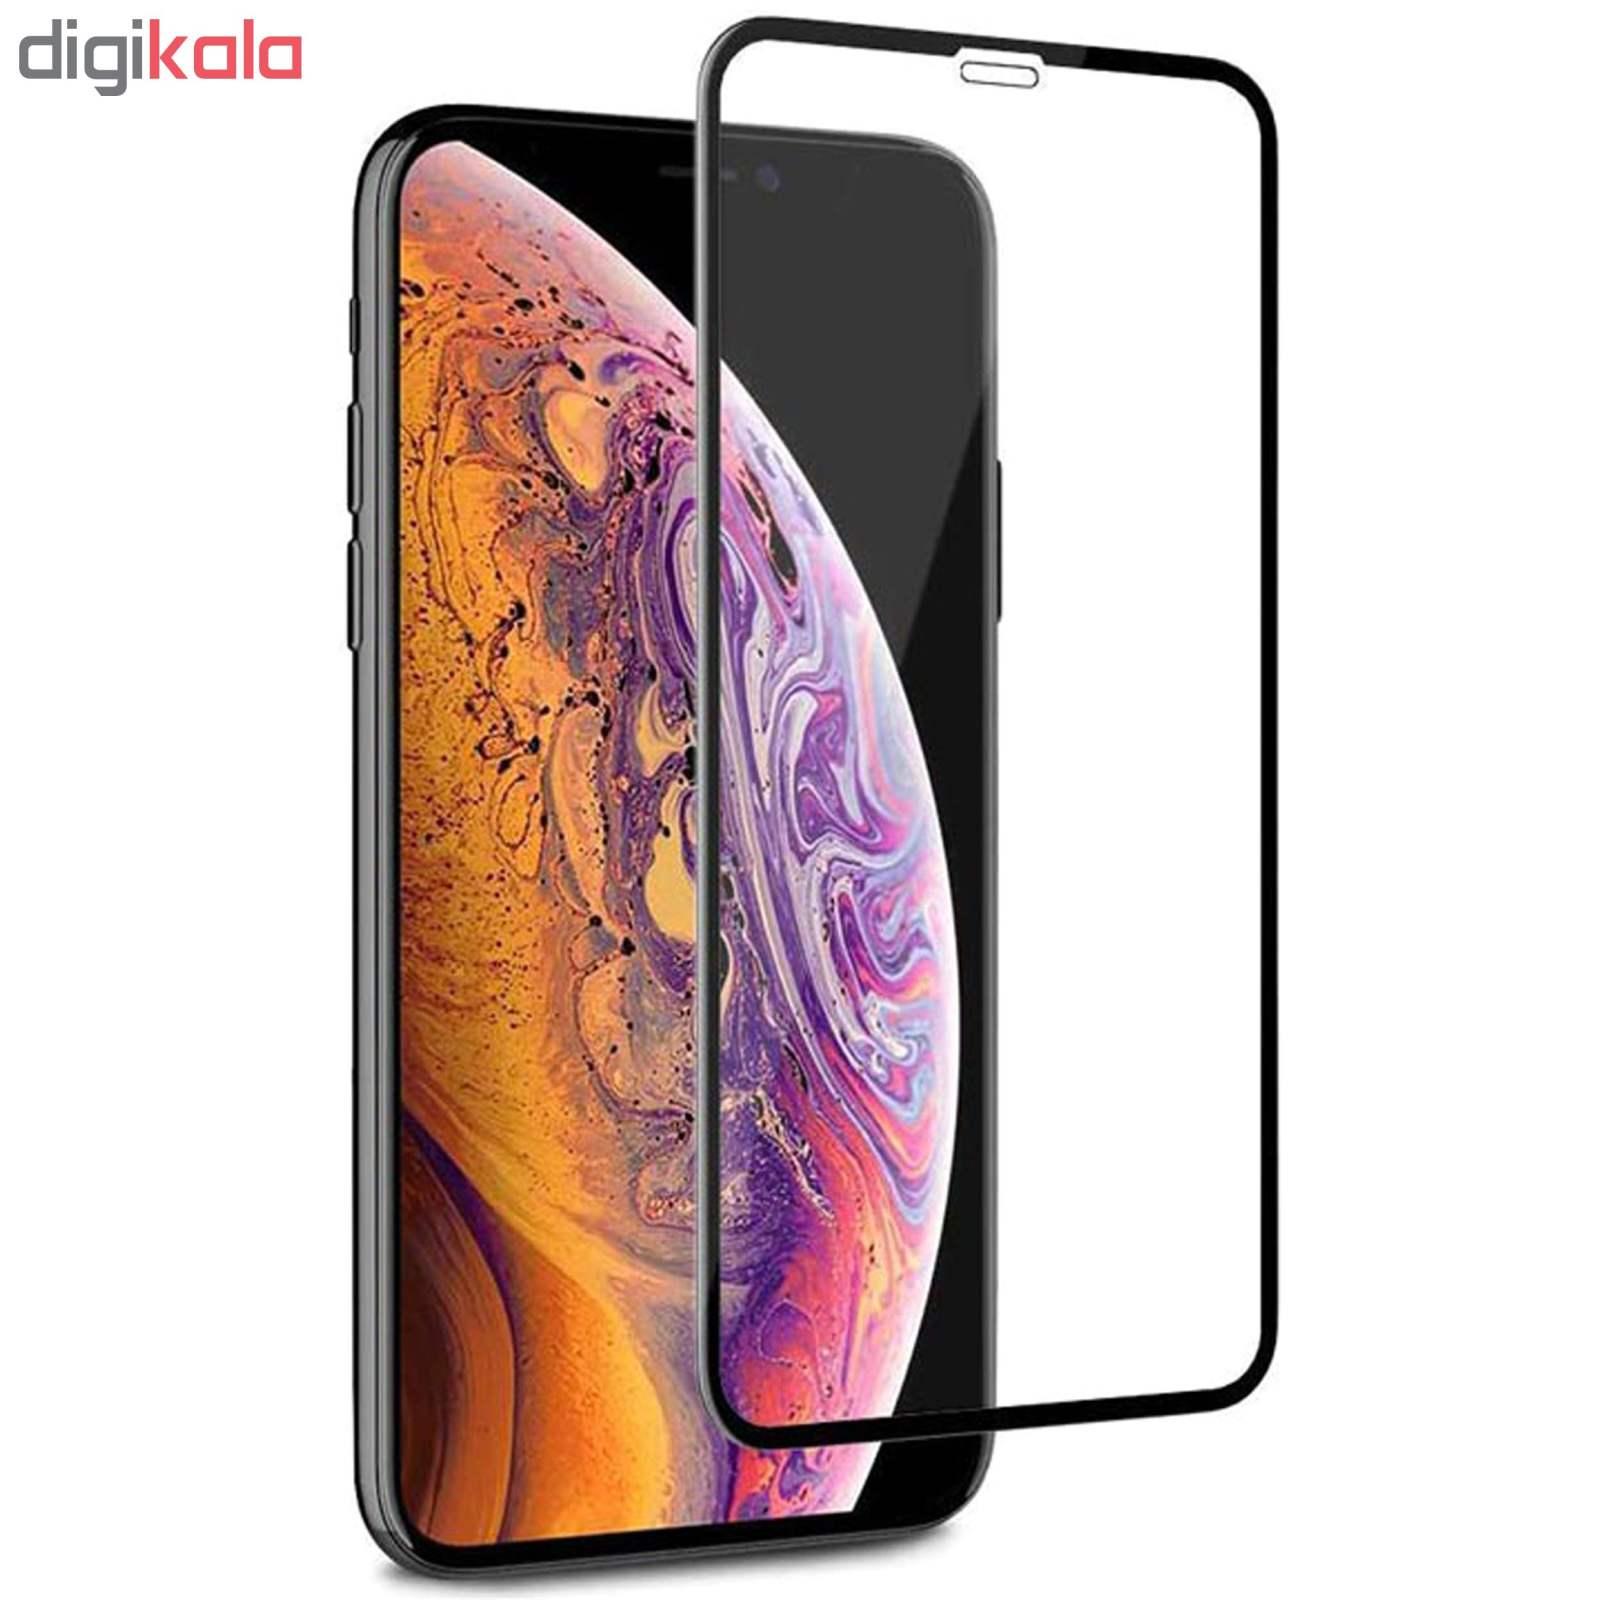 محافظ صفحه نمایش مدل GL003 مناسب برای گوشی موبایل اپل Iphone XS MAX main 1 1